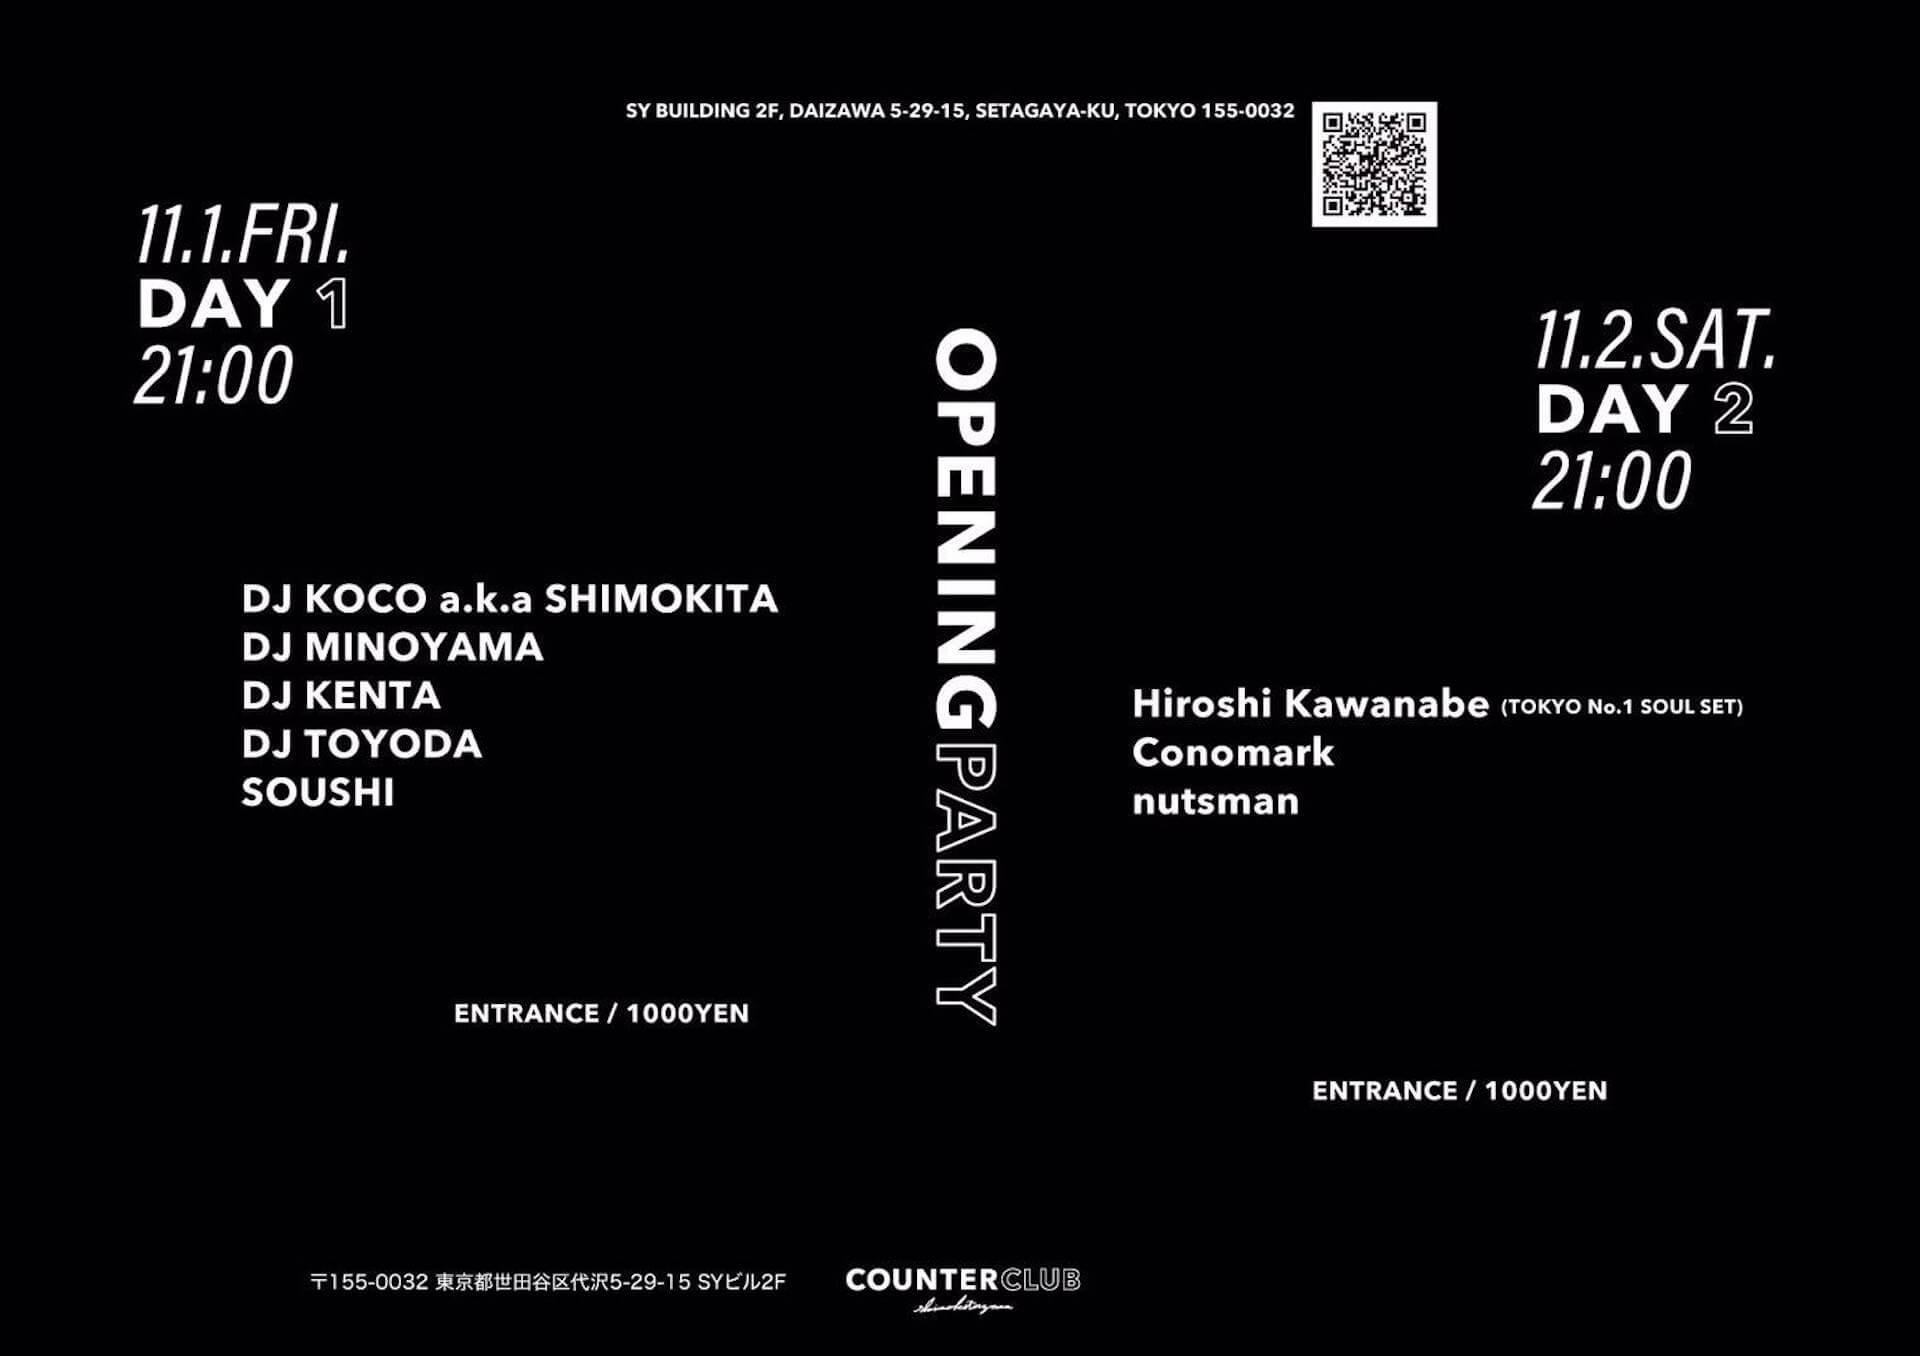 下北沢に新たなDJ BAR「COUNTER CLUB」が誕生|11月のオープニングパーティーにはDJ KOCO a.k.a. SHIMOKITAらが登場 music191018-counter-club-shimokitazawa-3